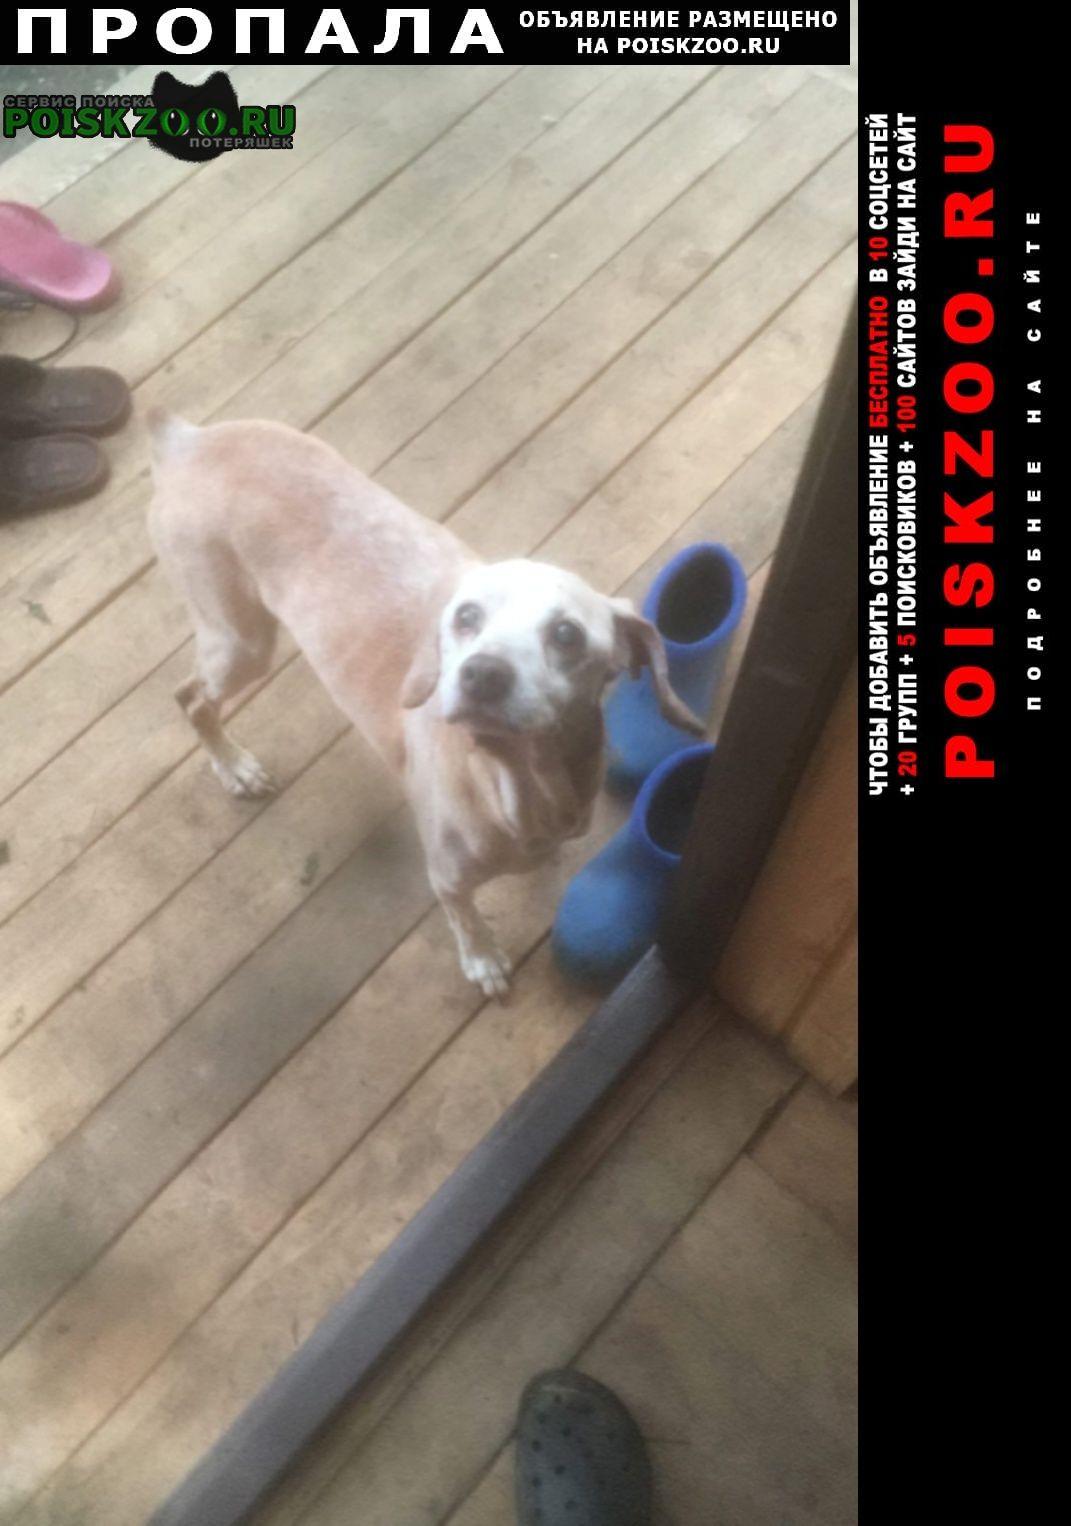 Пропала собака кобель любое вознаграждение Воскресенск